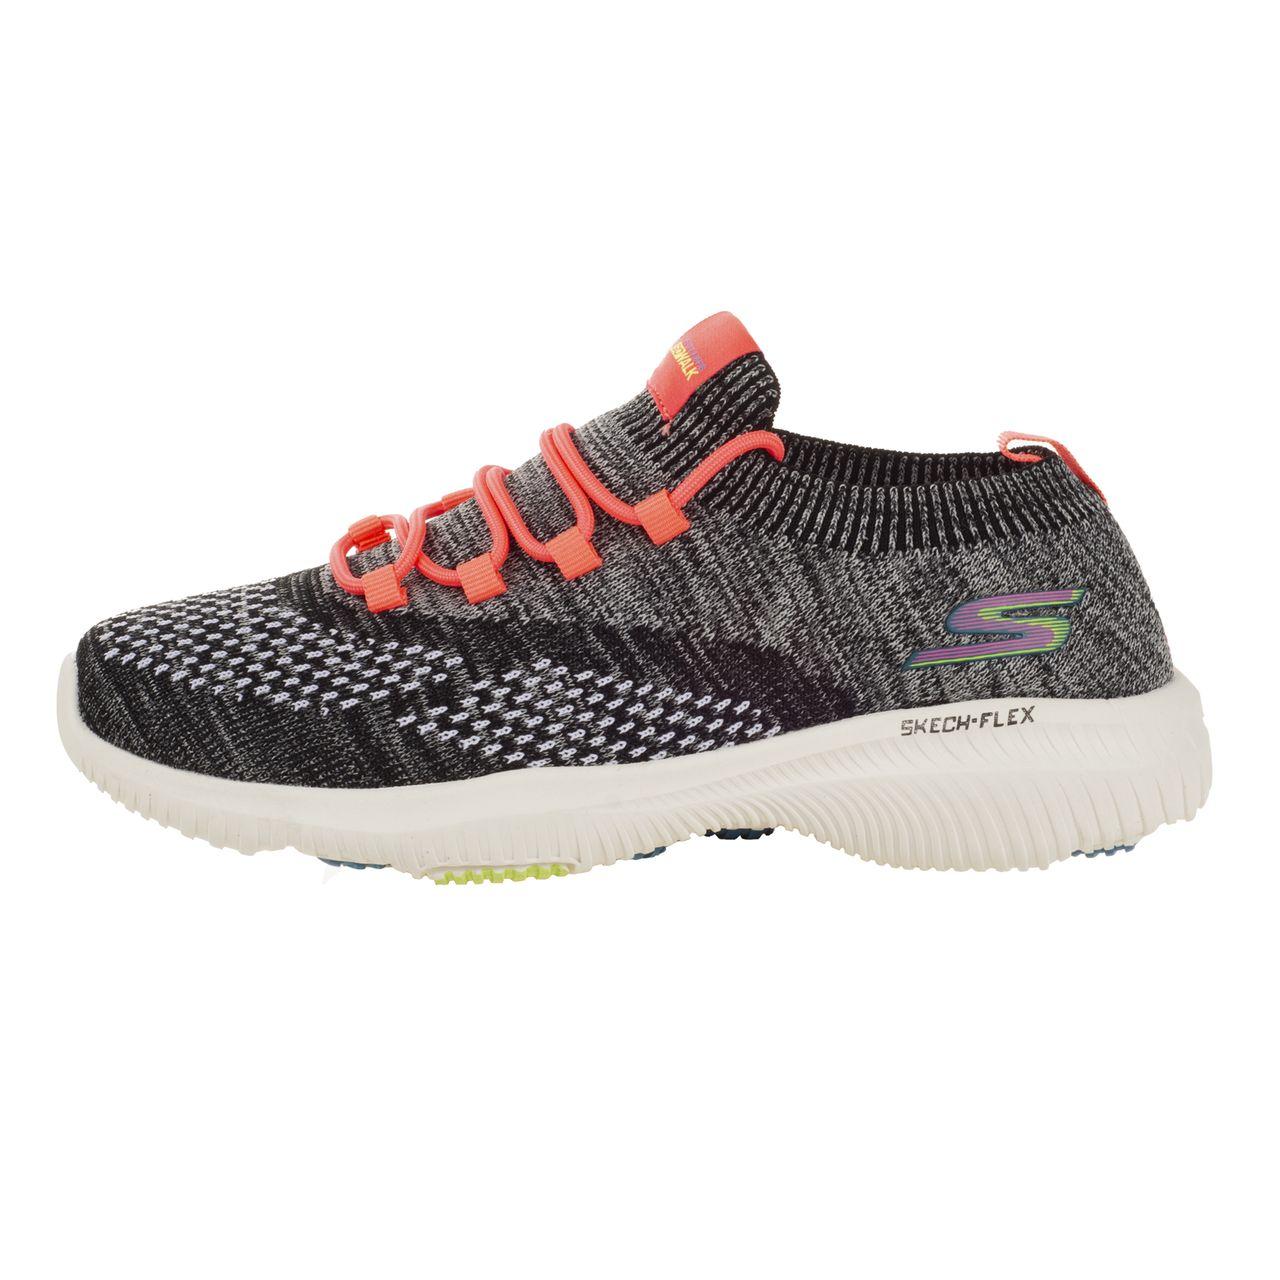 کفش پیاده روی زنانه اسکچرز مدلFLEX BLKRD-1050060